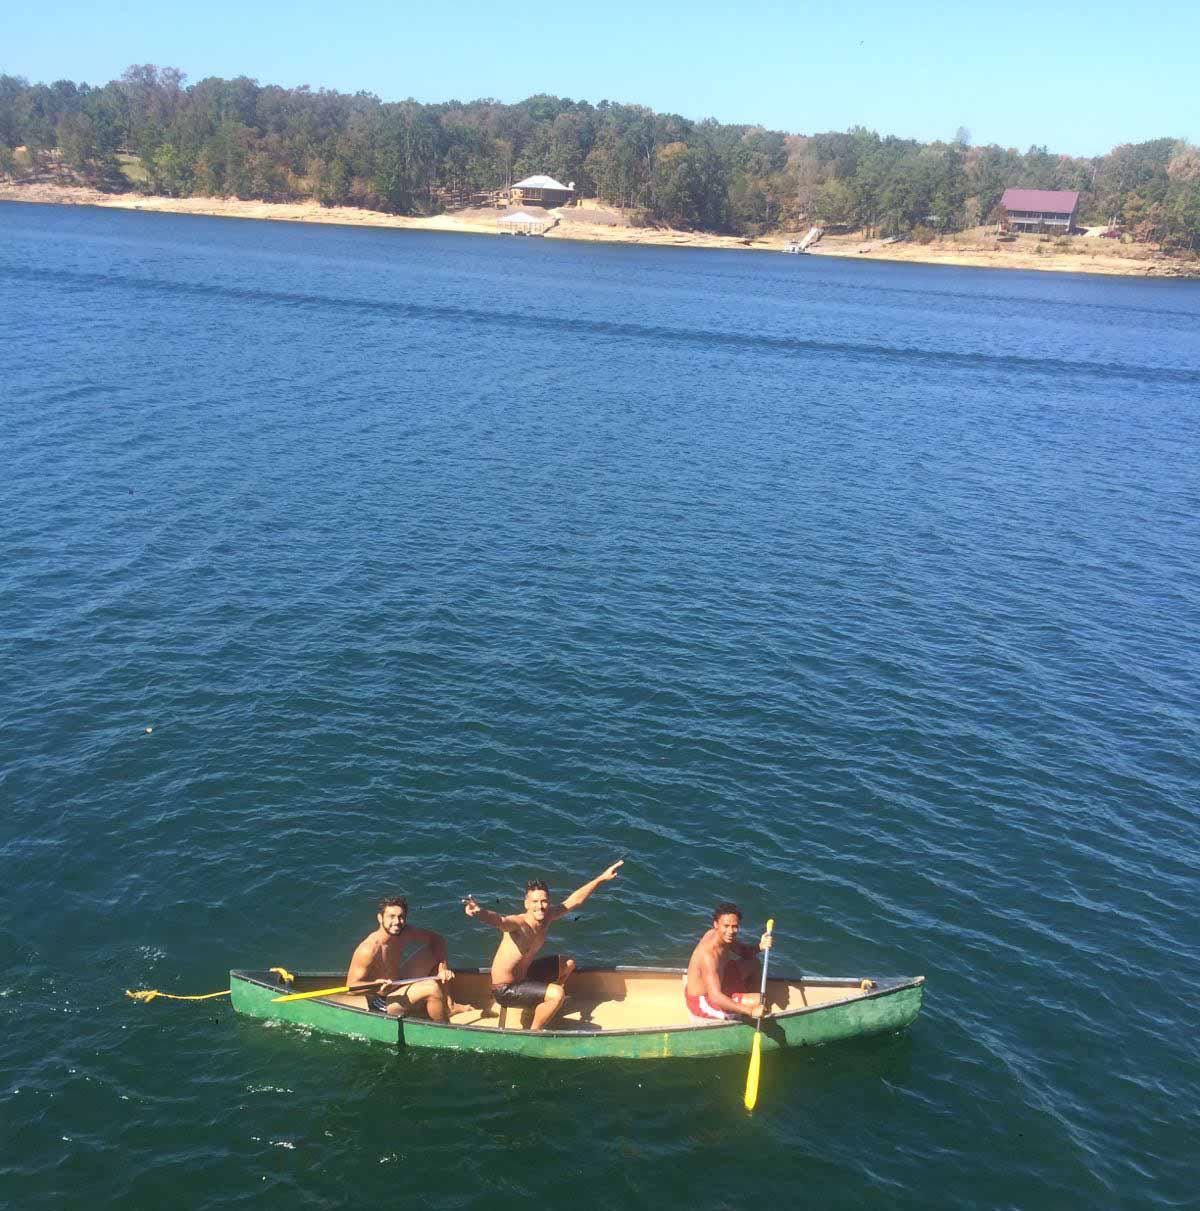 Men's Soccer on canoe in Smith Lake